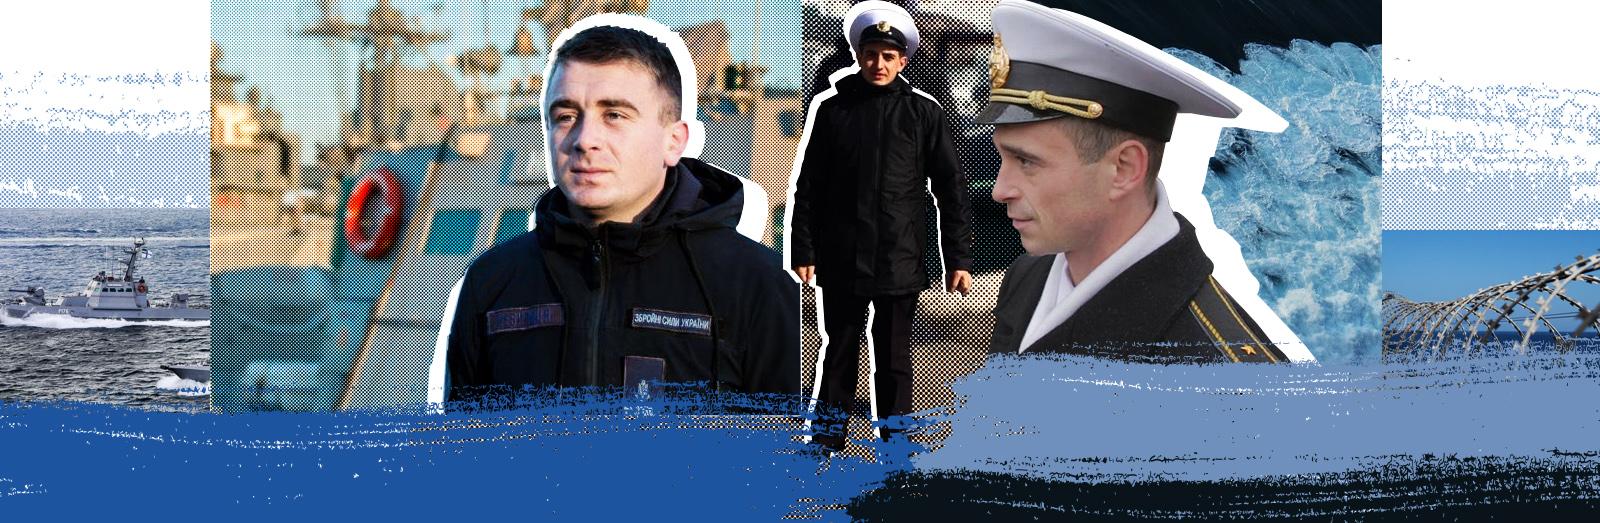 Картинки по запросу Пленные моряки: где они сейчас, что их ждет и как Украина будет их освобождать